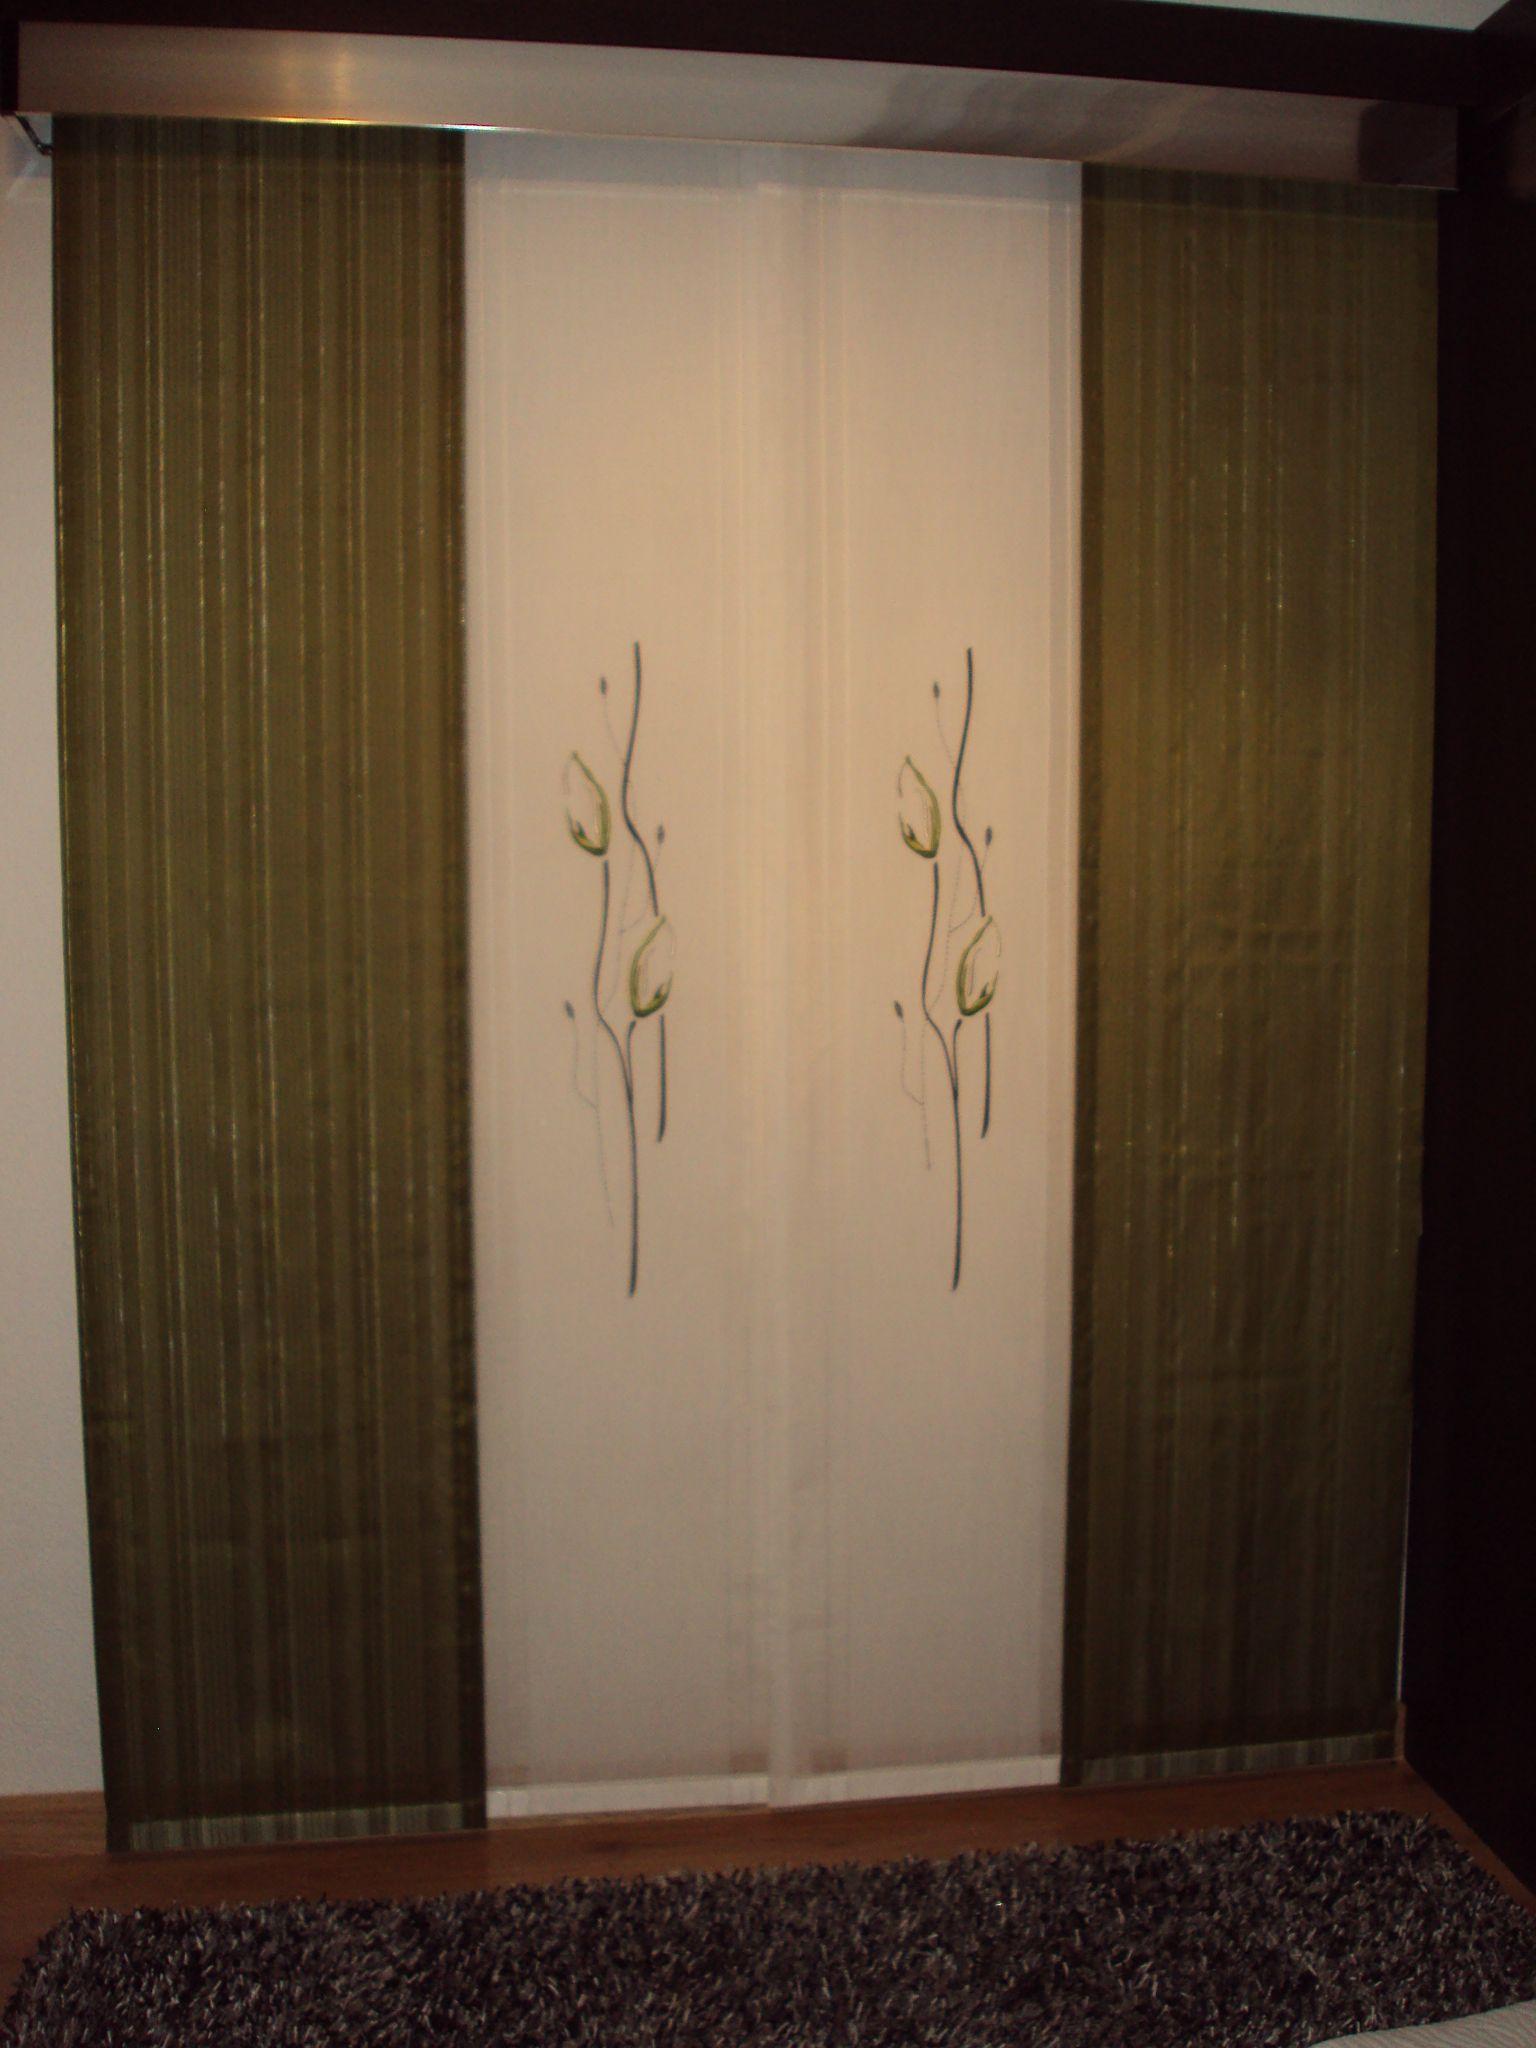 Japanese panel curtains - Panel Japones De Cuatro Vias Con Galeria De Aluminio Panelaluminumcurtains